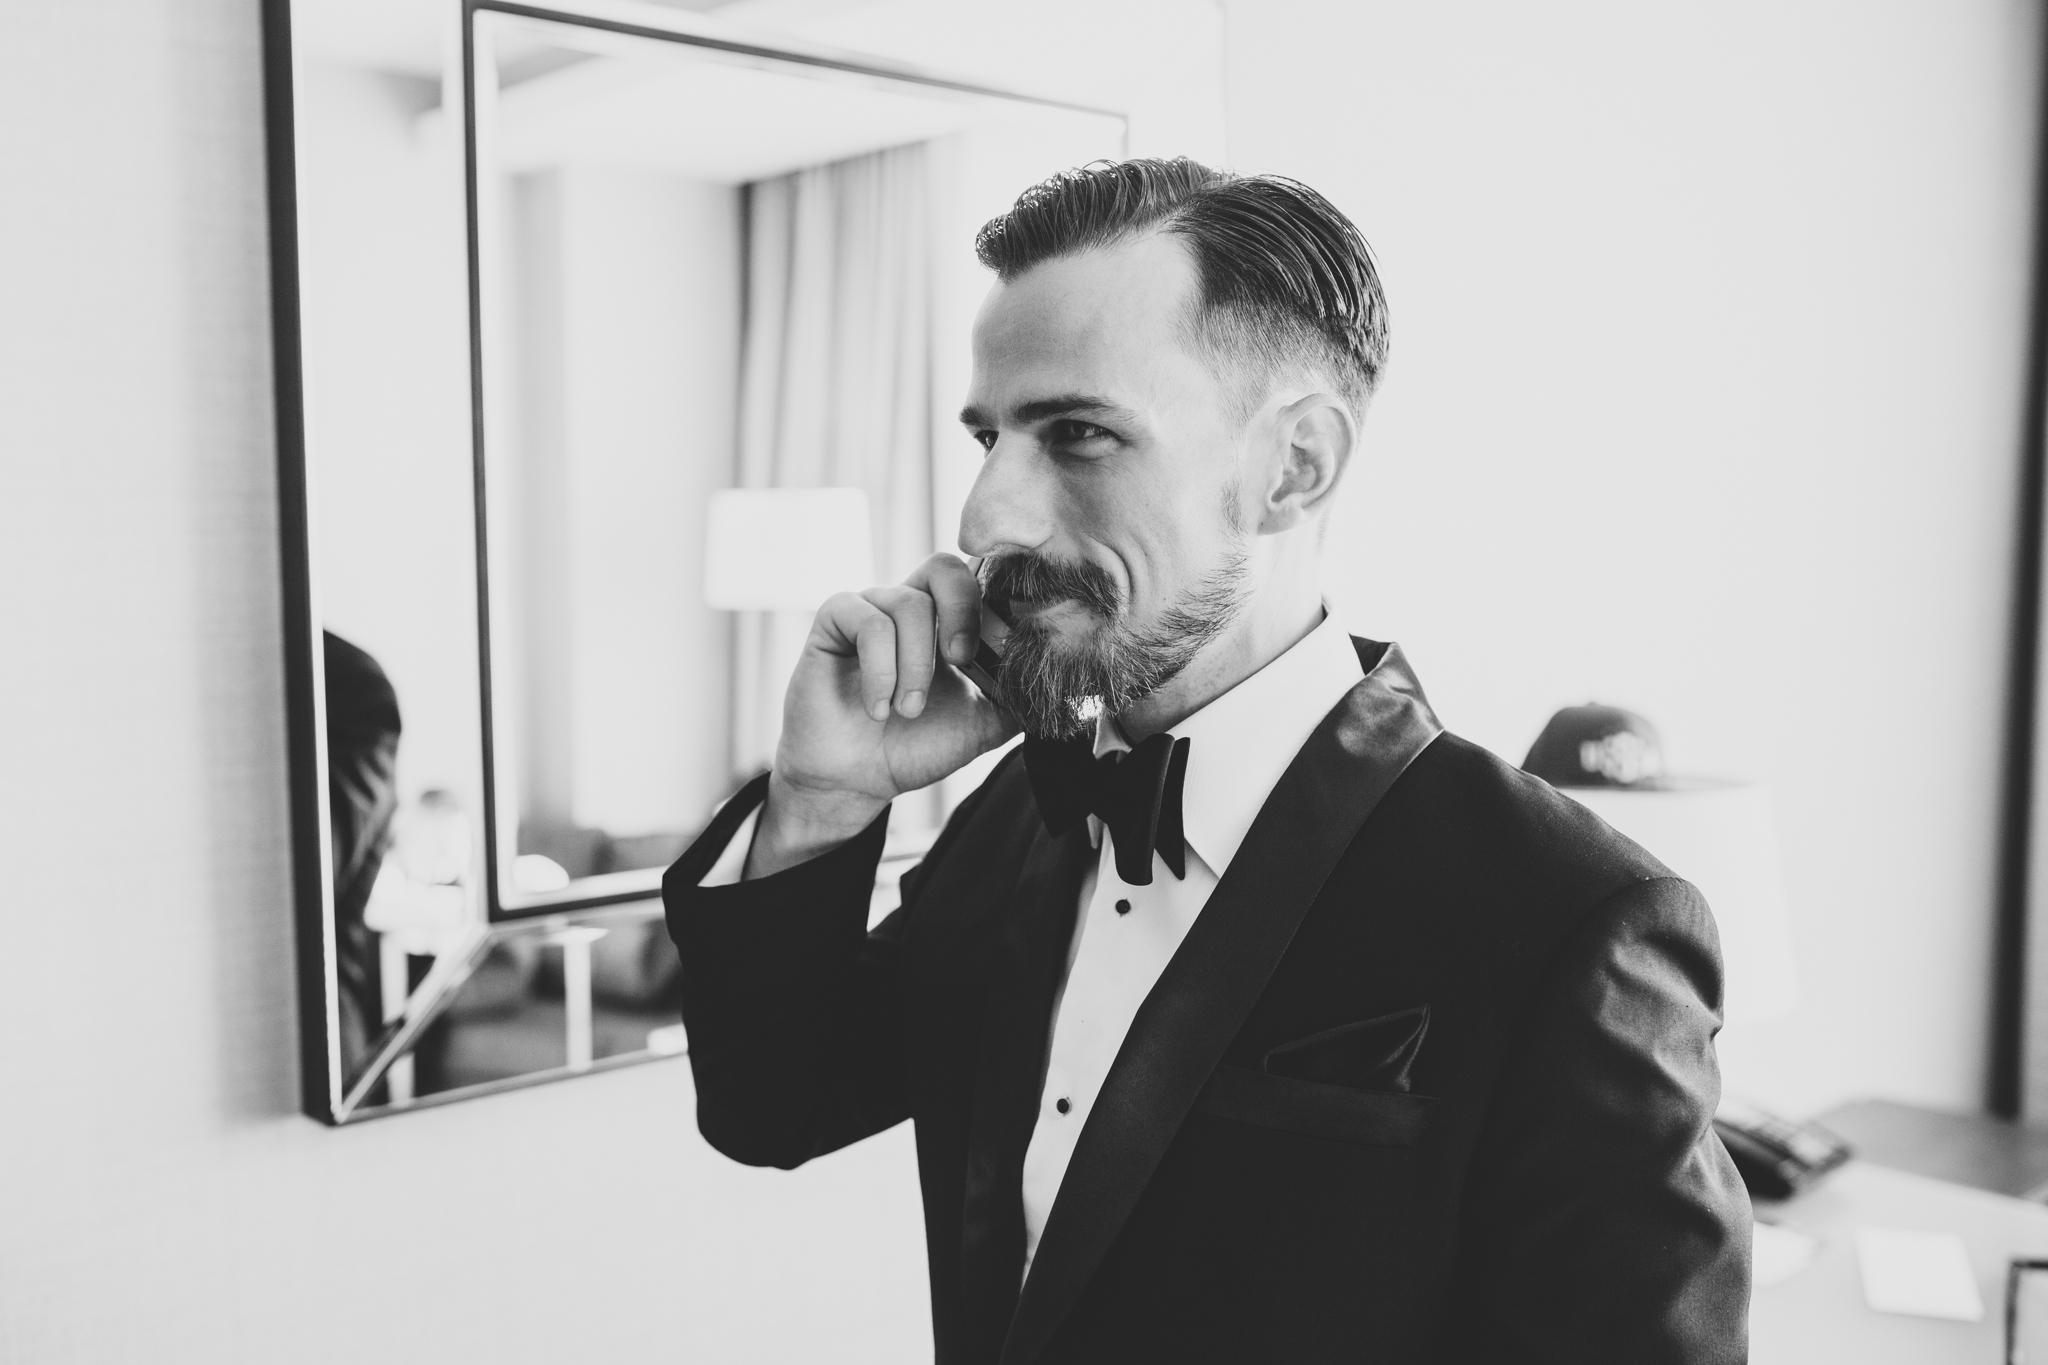 groomsmen on phone before wedding in tux hj